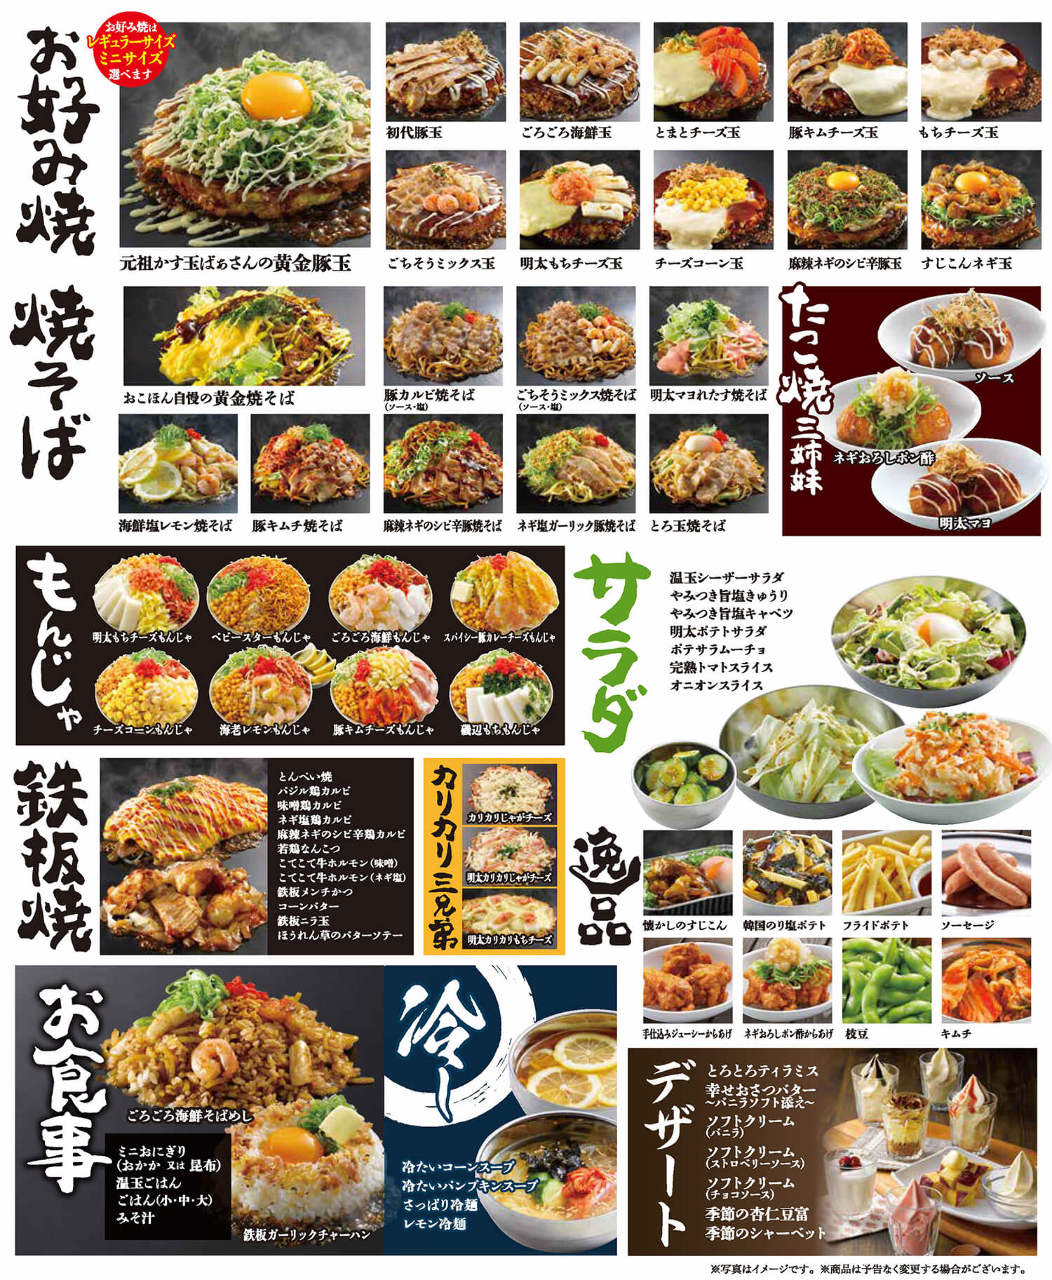 ☆スタンダード食べ放題☆お好み焼・焼きそばメニューが充実!